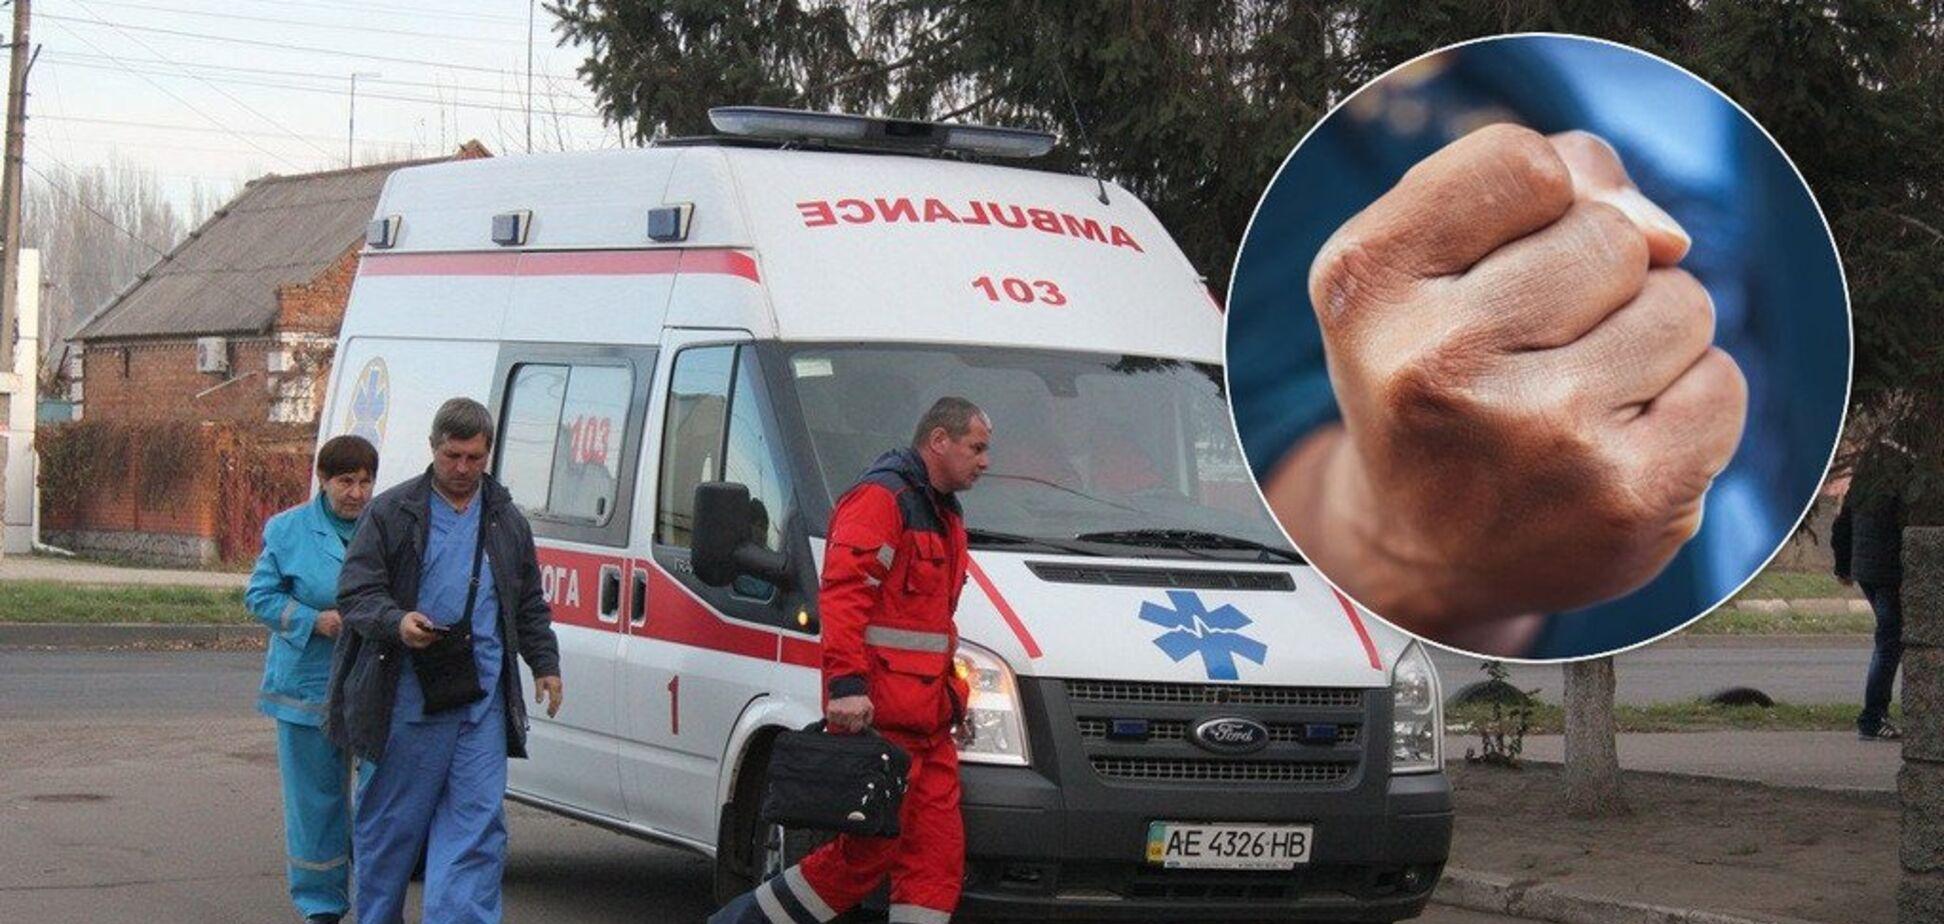 В Украине на врачей 'скорой' нападают пациенты: бьют и кидаются с ножами, а защиты нет